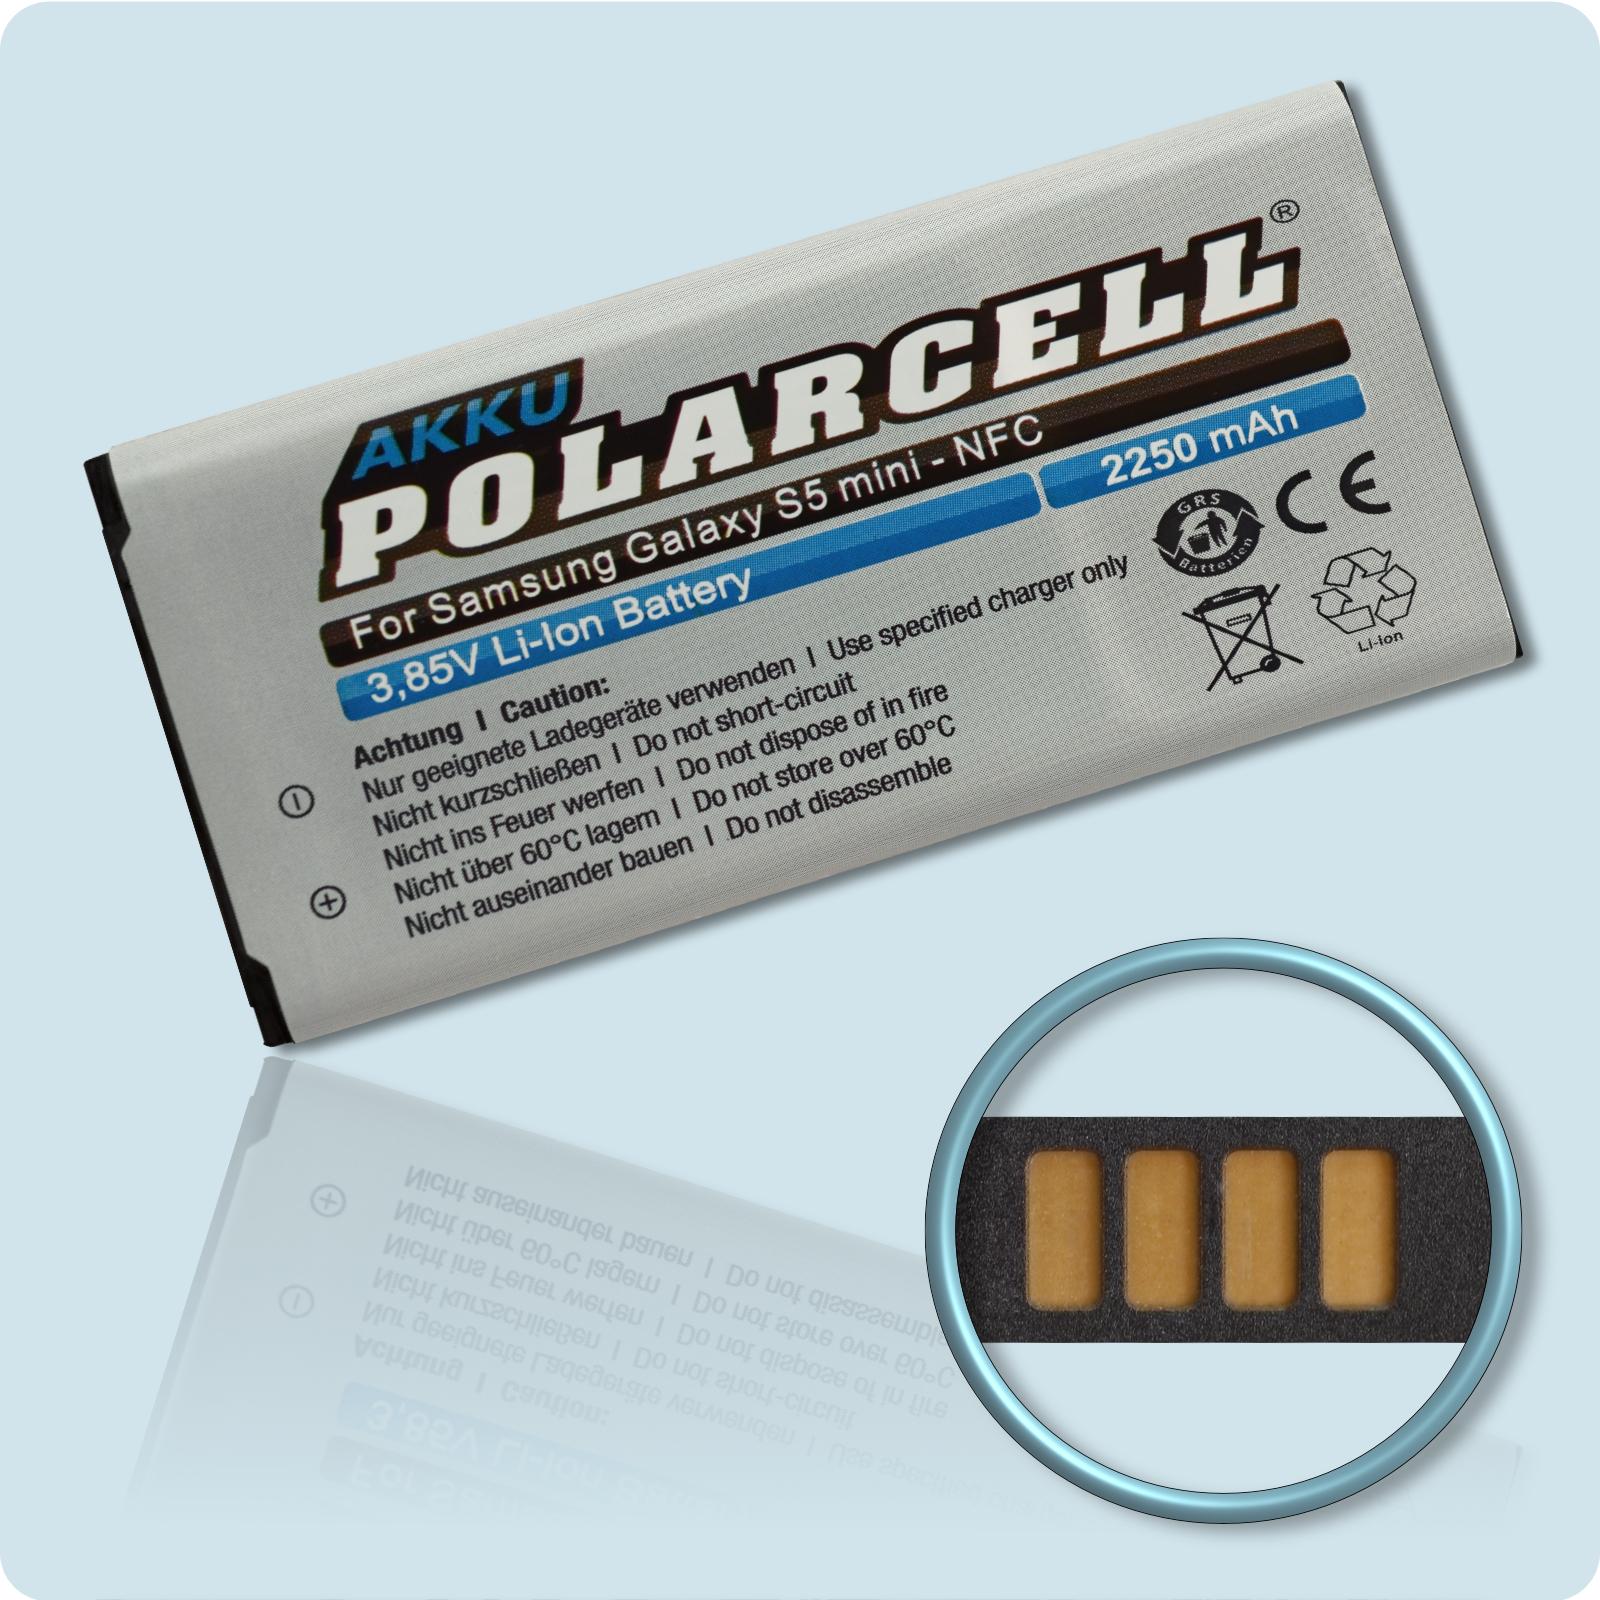 PolarCell® Hochleistungsakku für Samsung Galaxy S5 mini DuoS SM-G800H mit NFC-Antenne, ersetzt Originalakku EB-BG800BBC